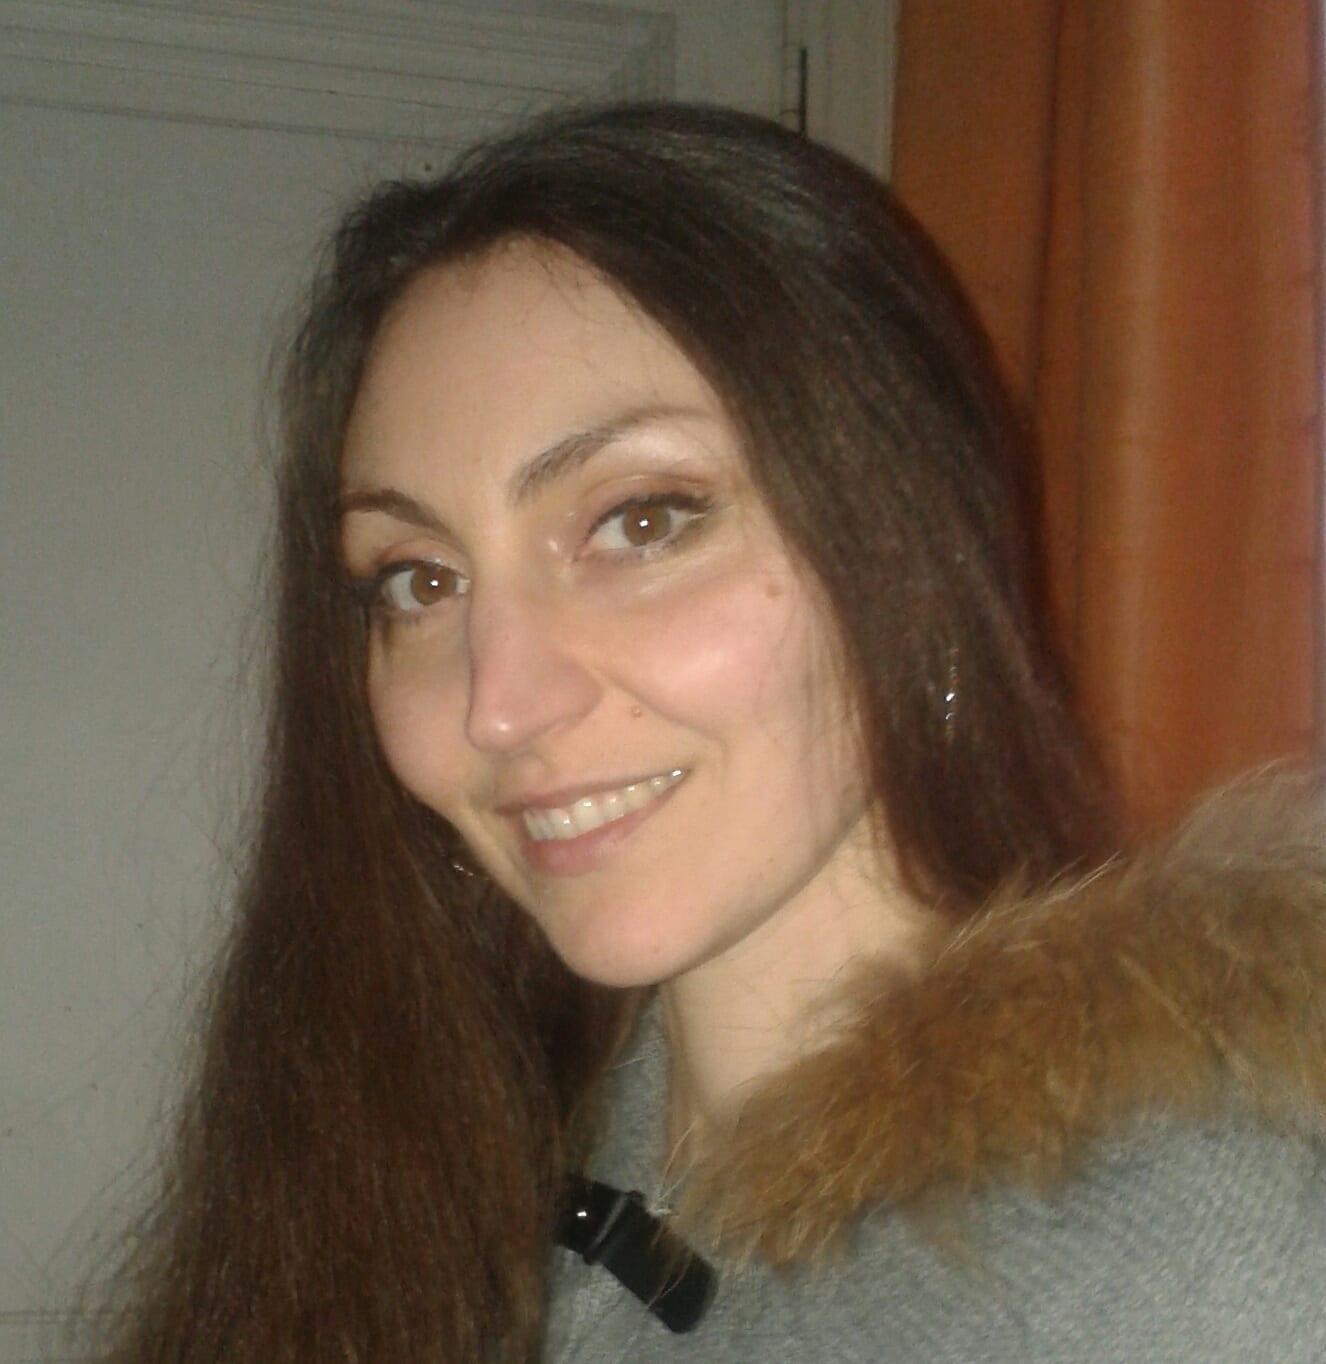 Anouchka D'alessandro